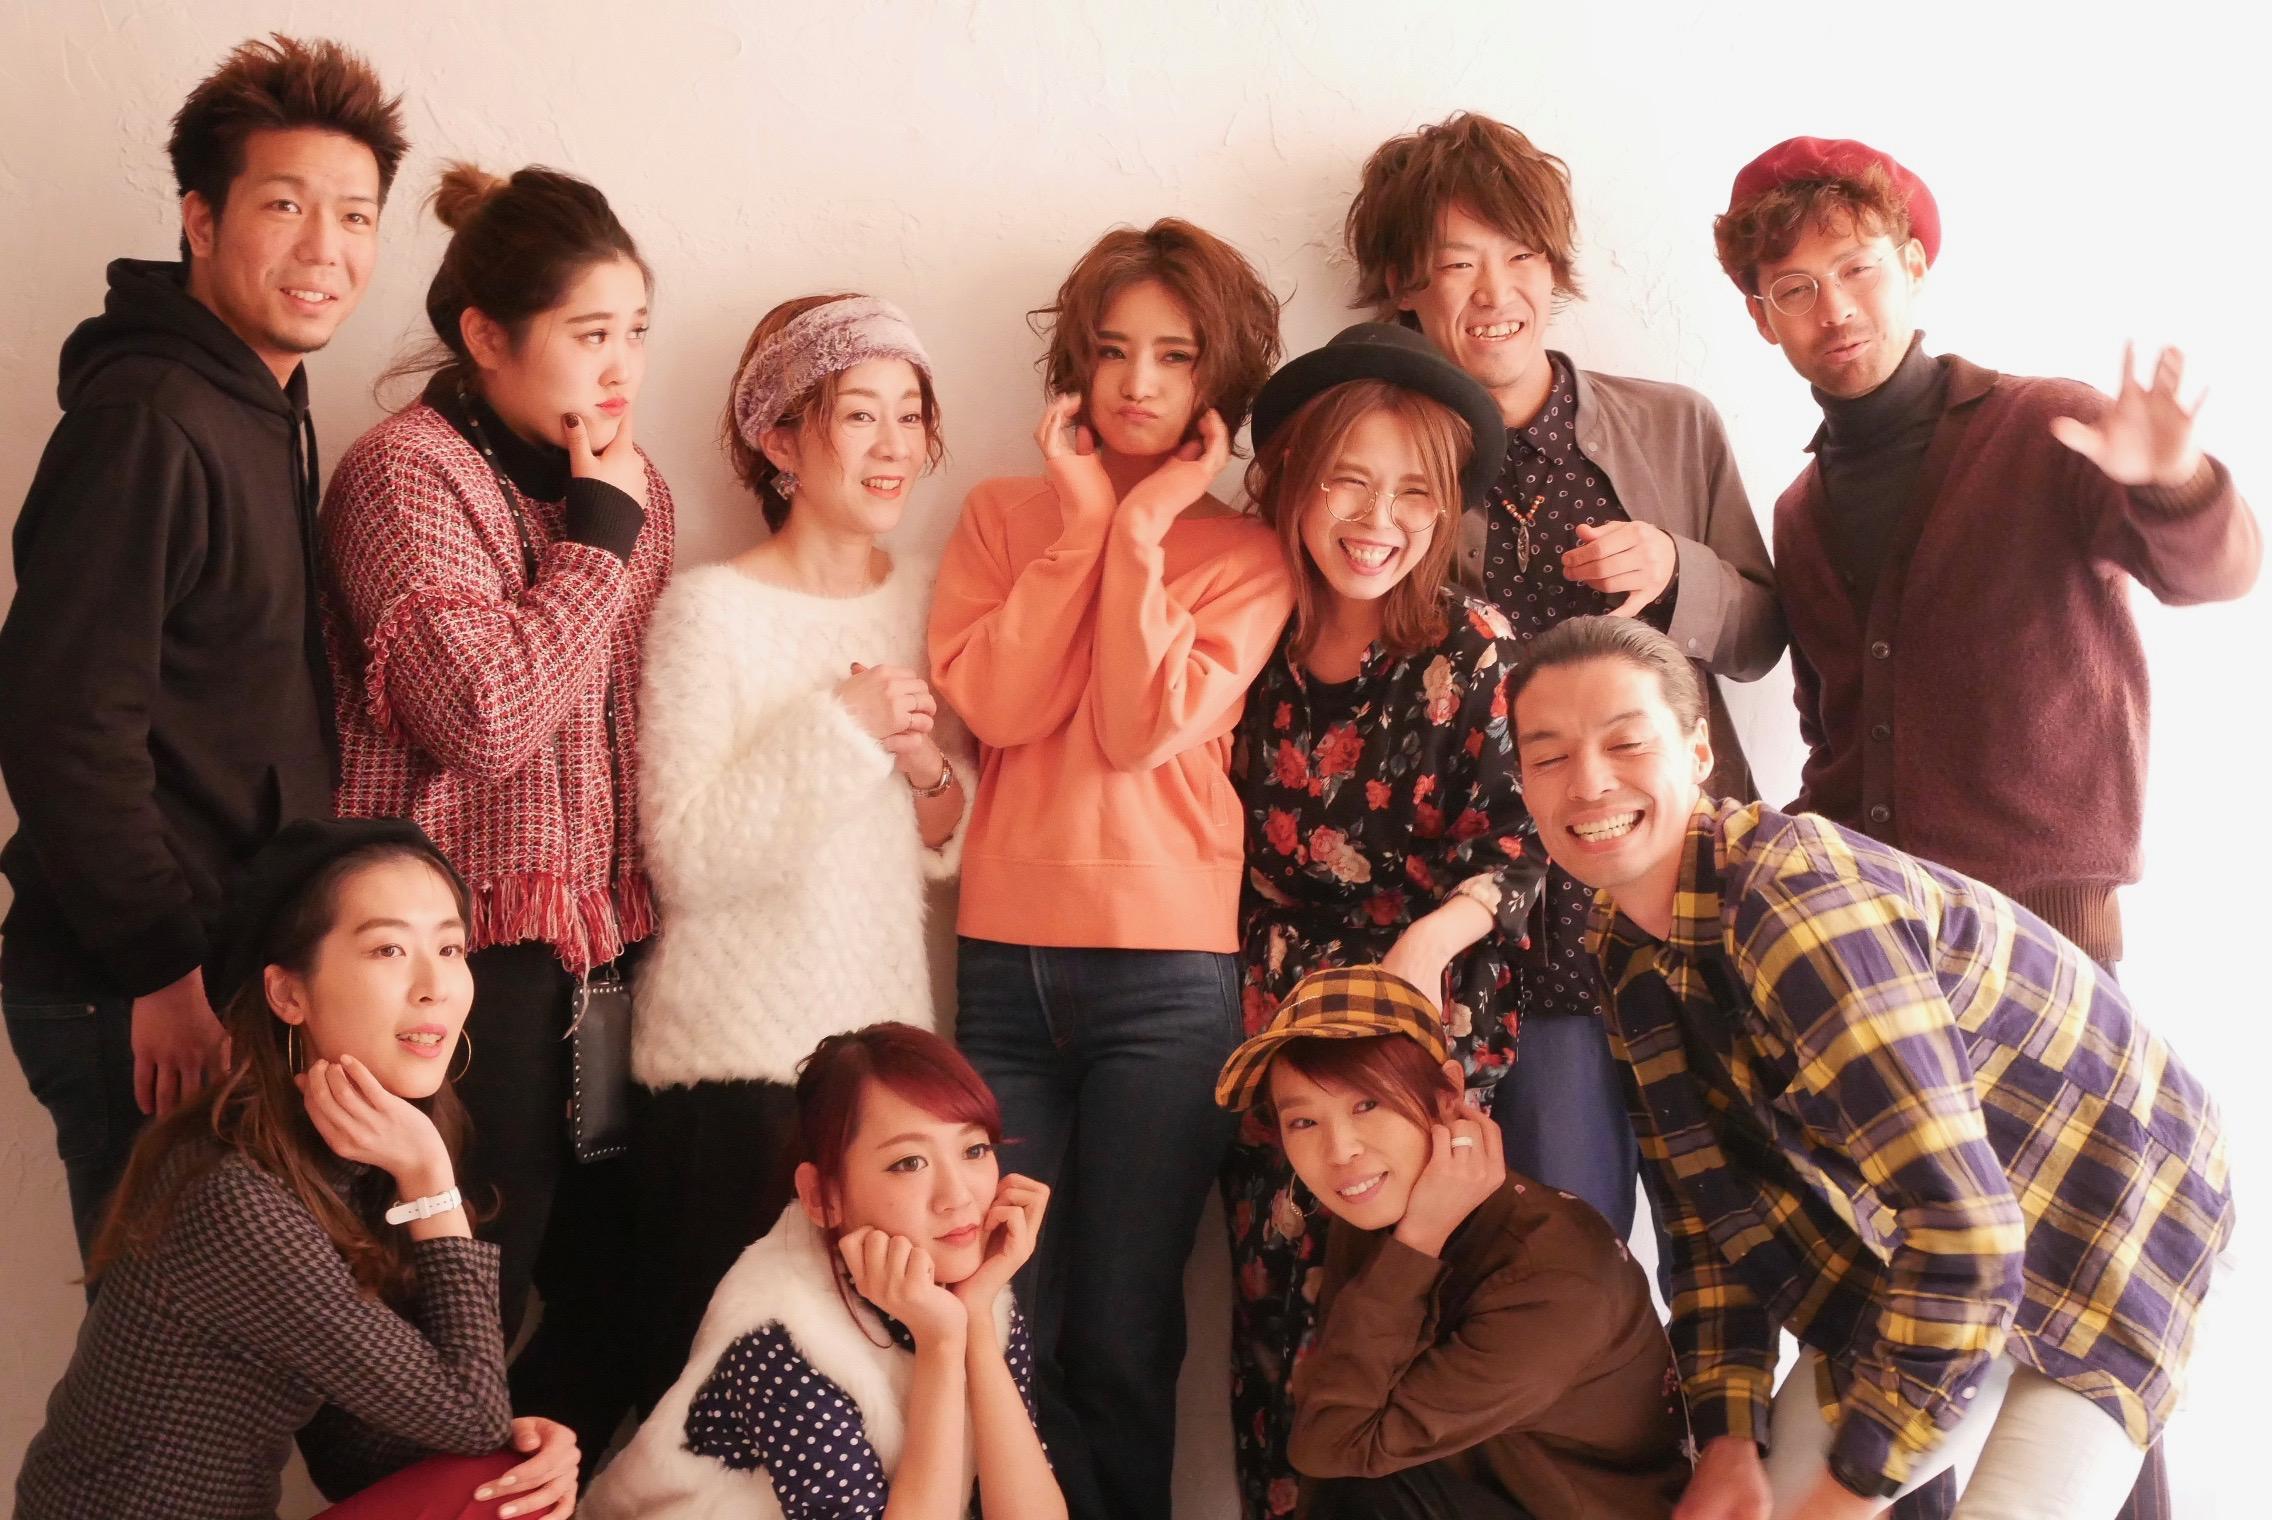 2018 5月22日 美容学生専門の就活ガイダンス 就職カンファレンス@Beauty 大宮開催』